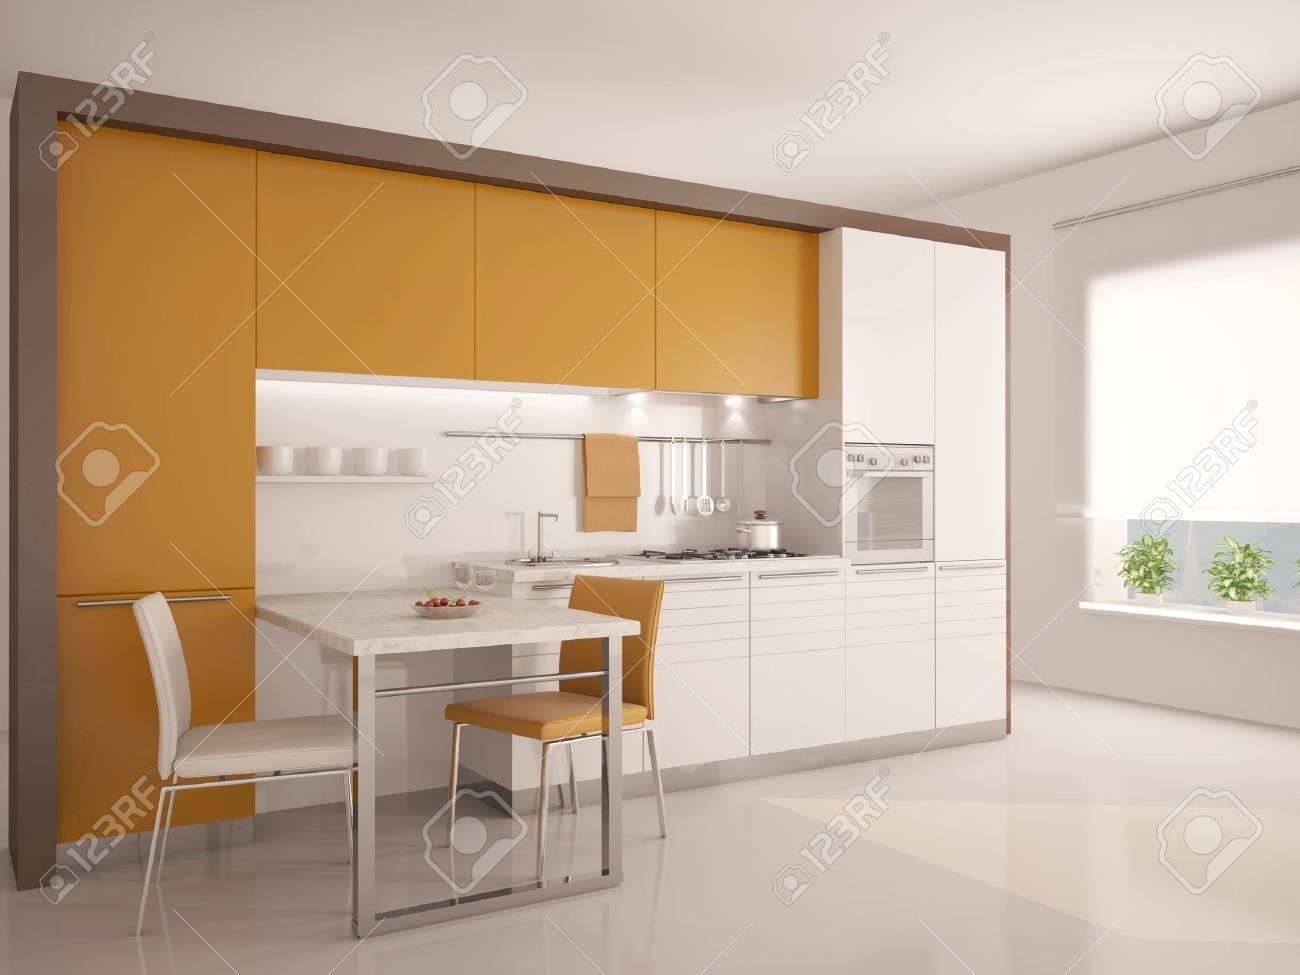 Moderne Küche Interieur 3D- Lizenzfreie Fotos, Bilder Und Stock ...